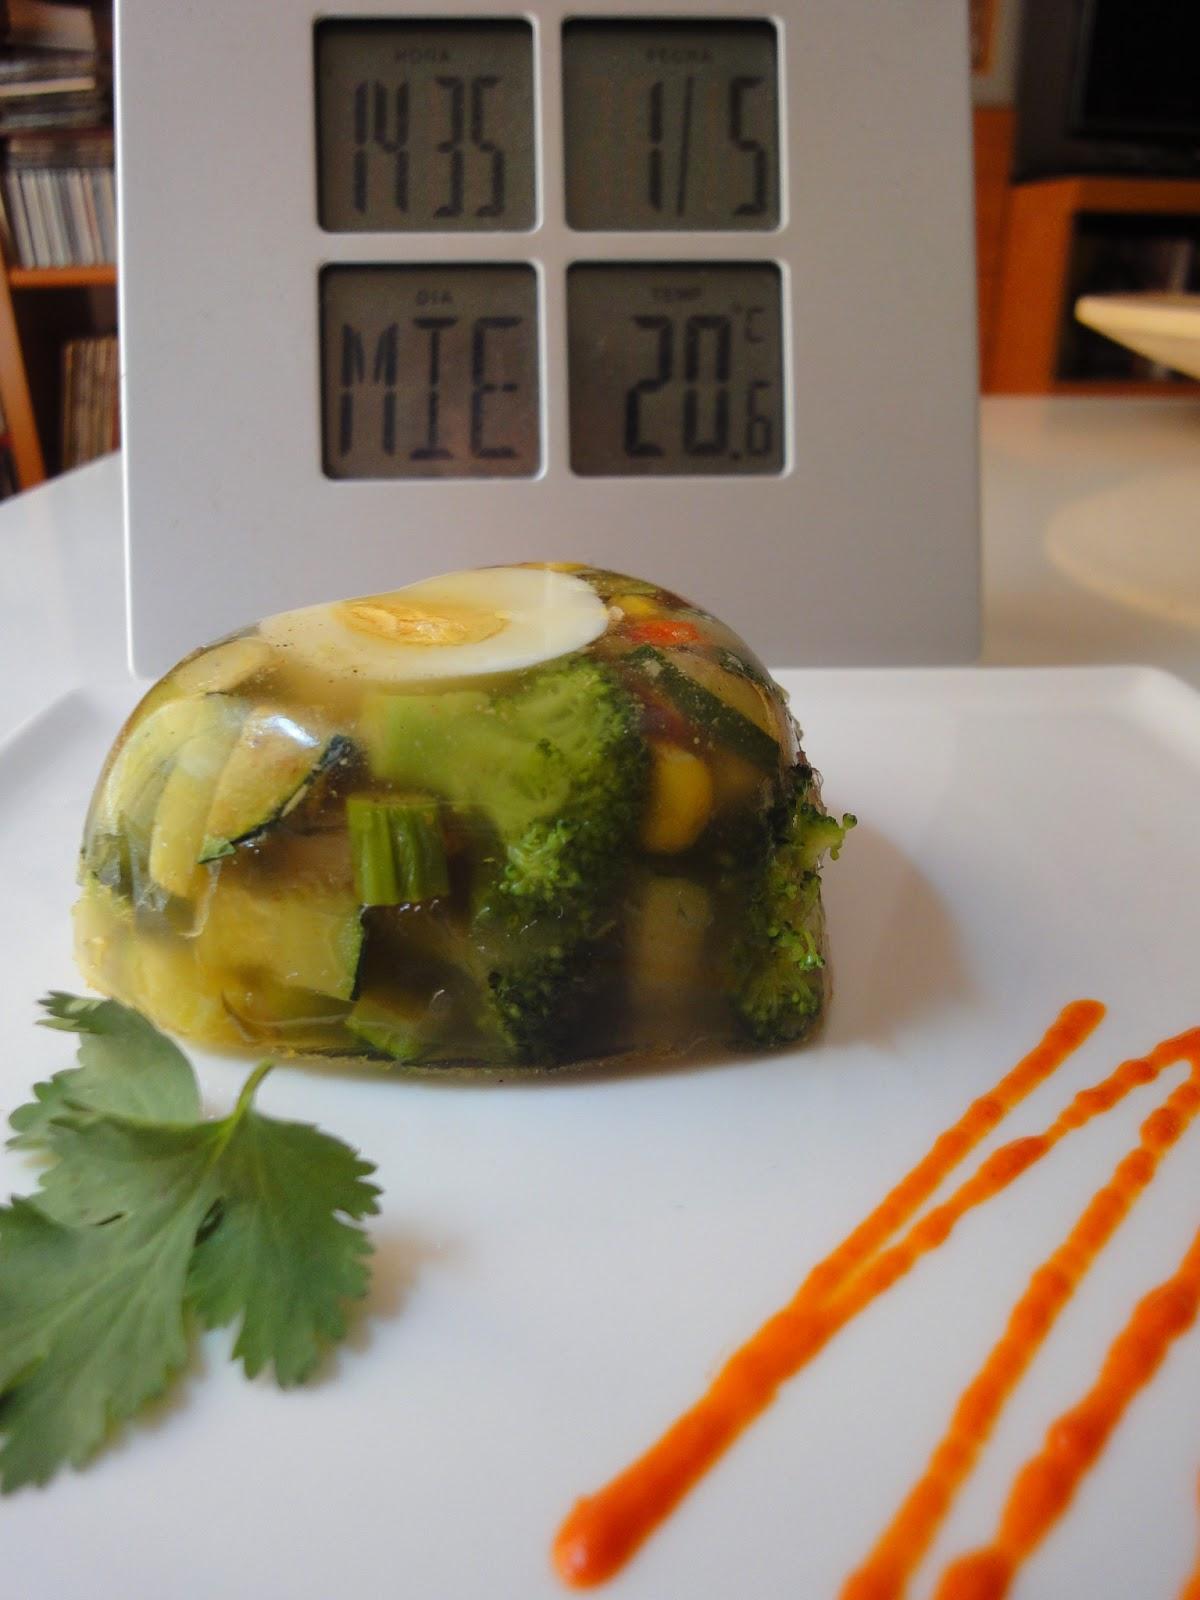 Clases de cocina zaragoza spic de verduras - Cursos de cocina zaragoza ...